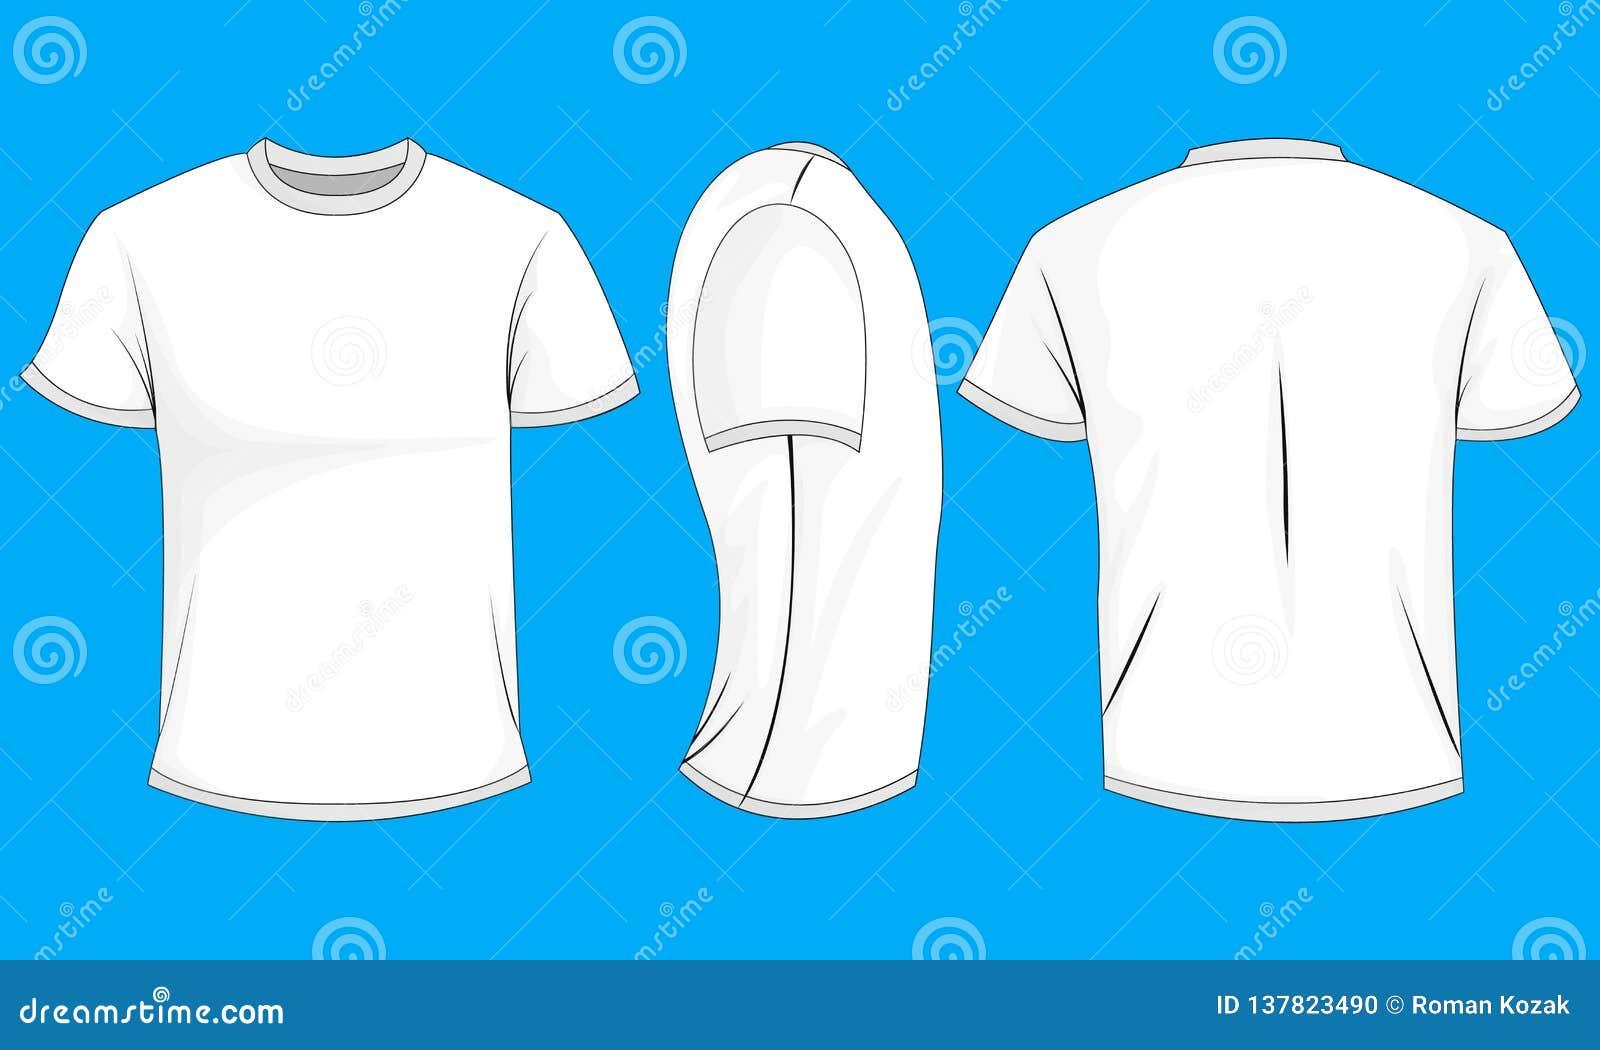 Camiseta Para Hombre Blanca Con Las Mangas Cortas Frente